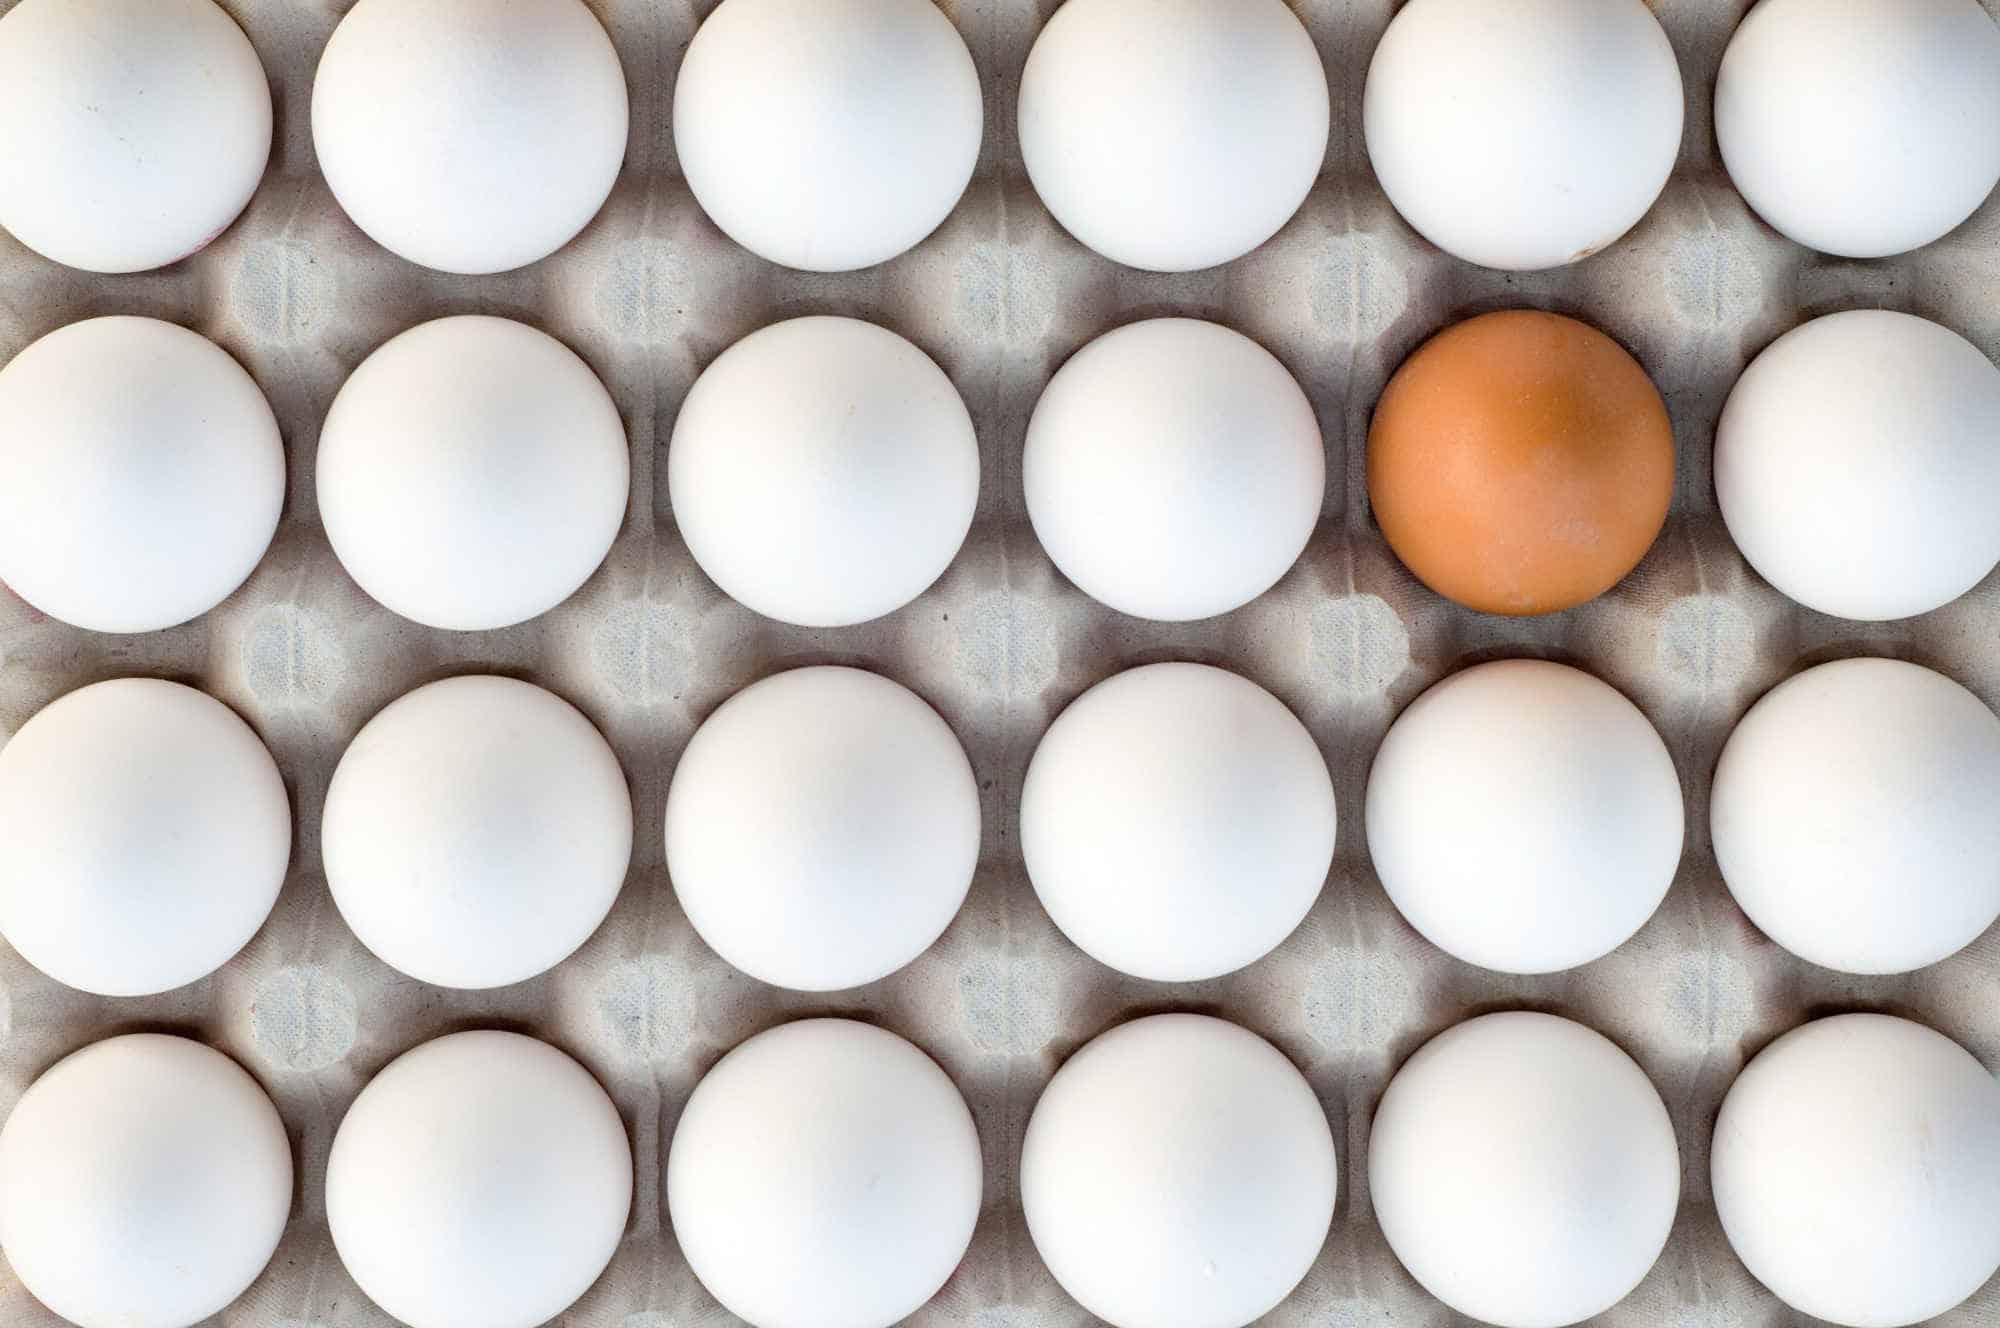 كيف تميزين البيض الجيد من الرديء